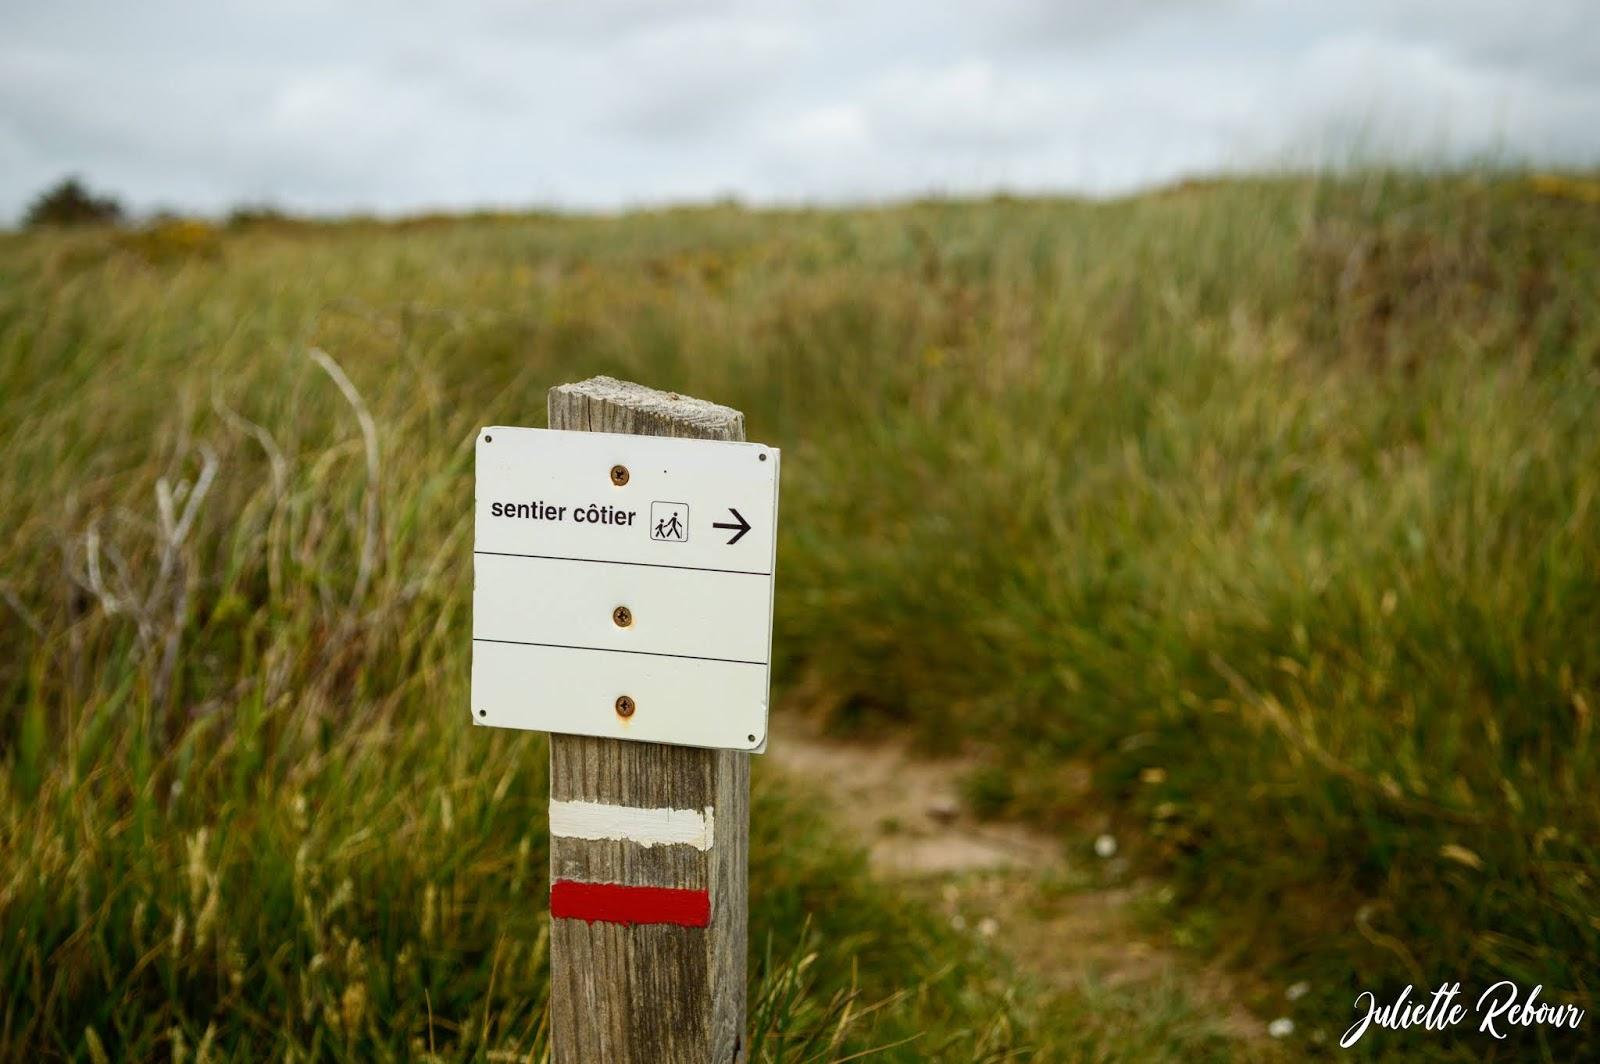 Sentier de Grande Randonnée, GR340